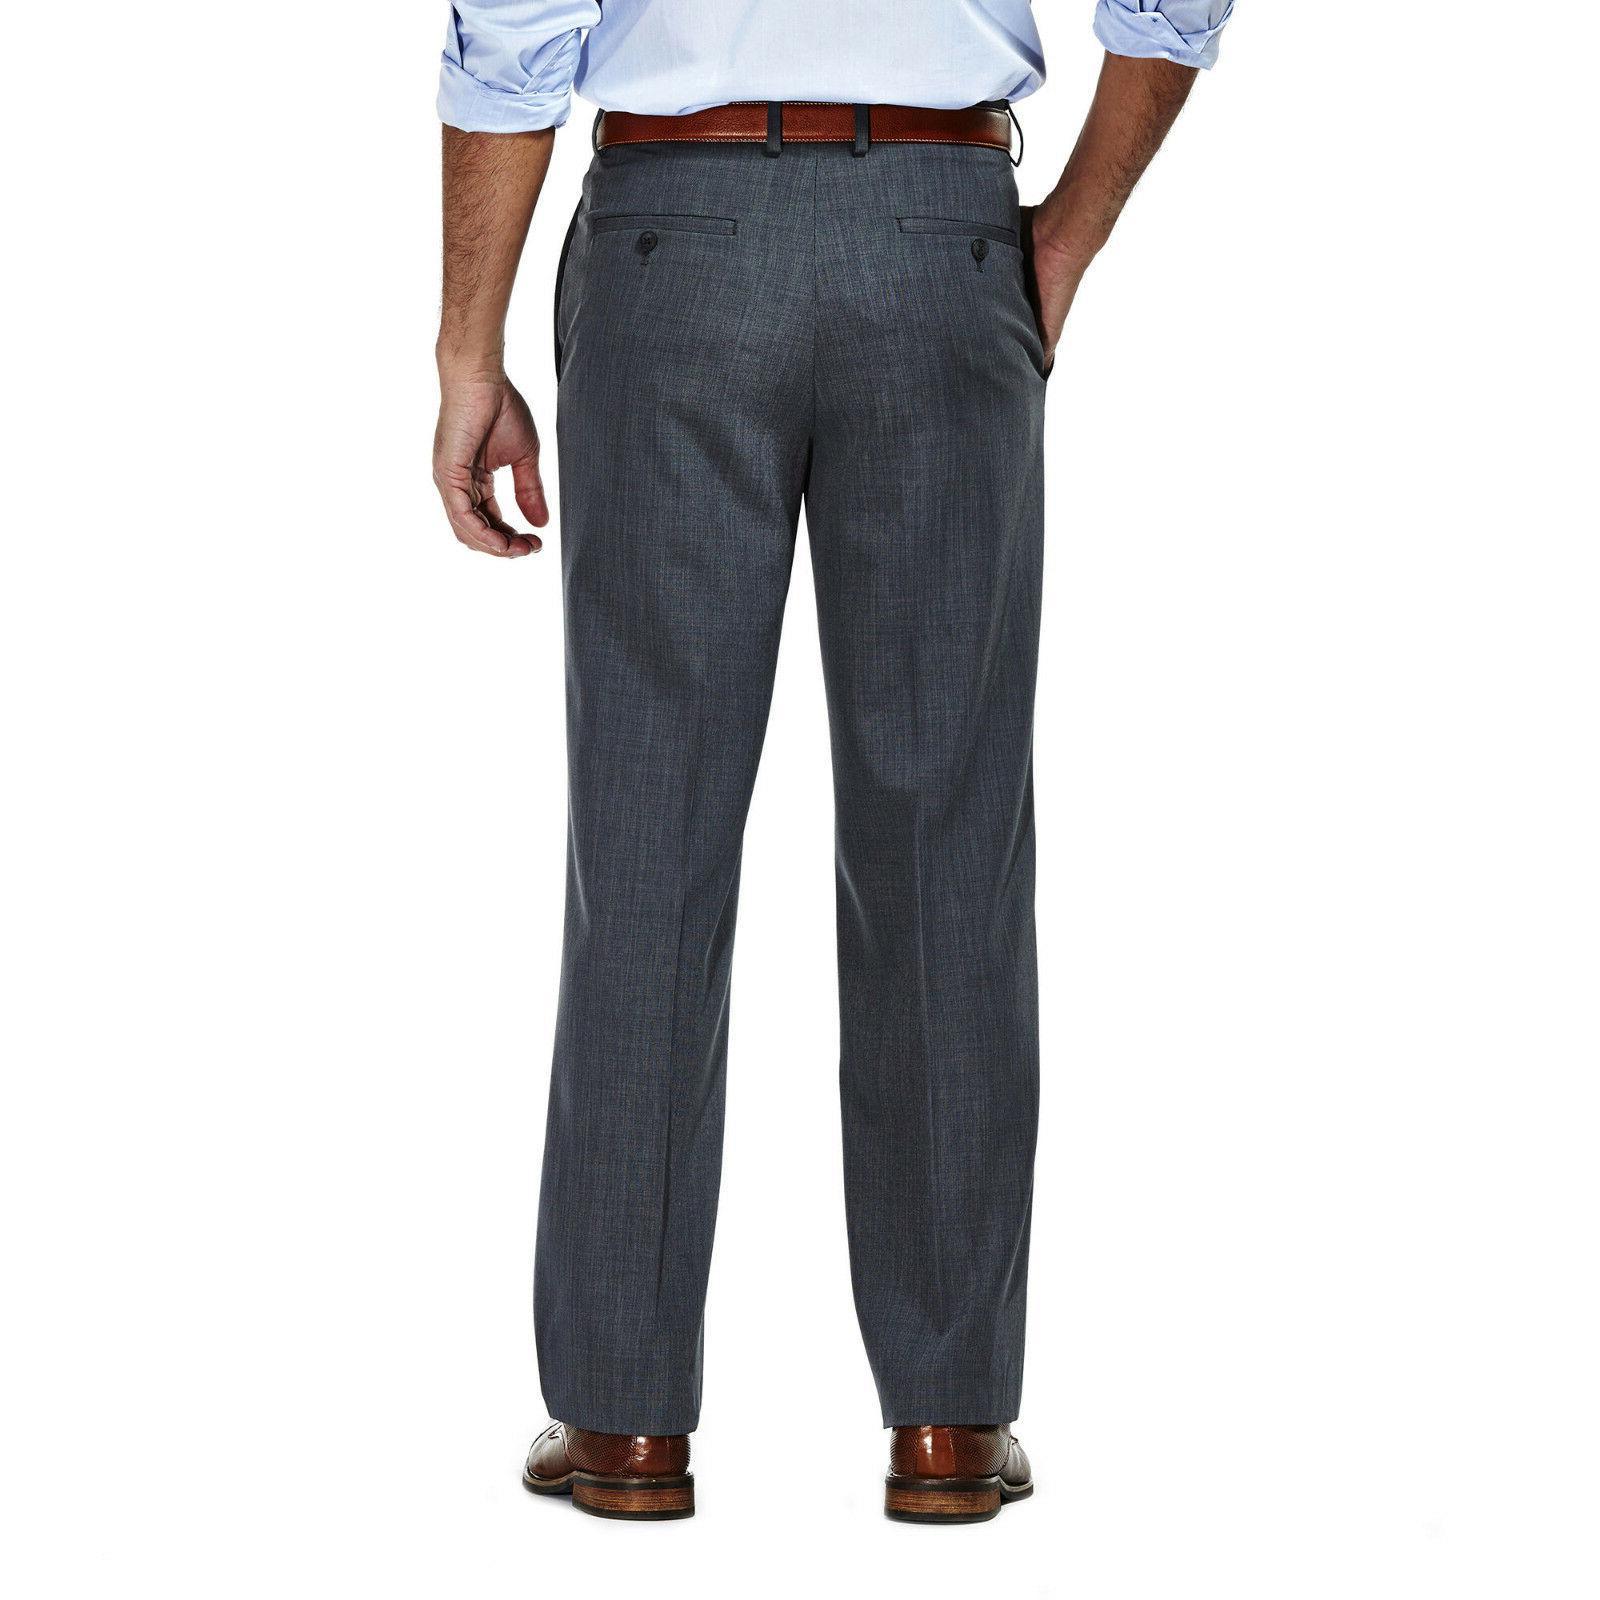 NEW Mens Pants Fit $100